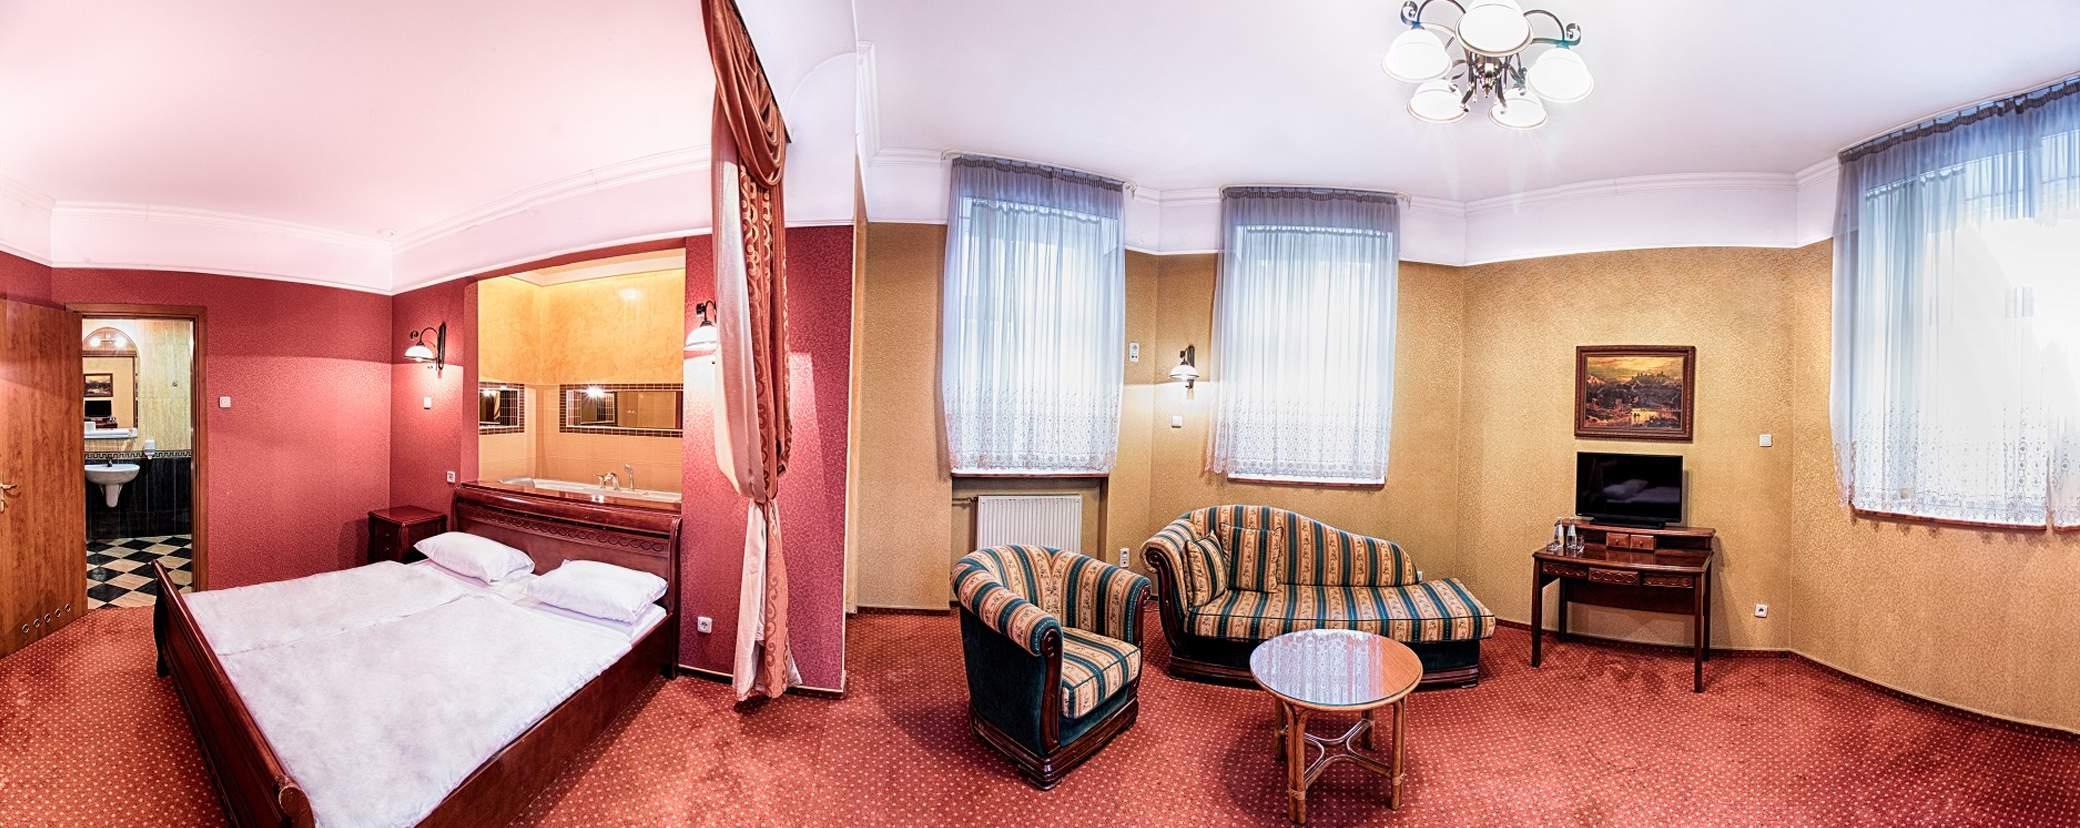 galeria Apartamenty zdjęcie 2